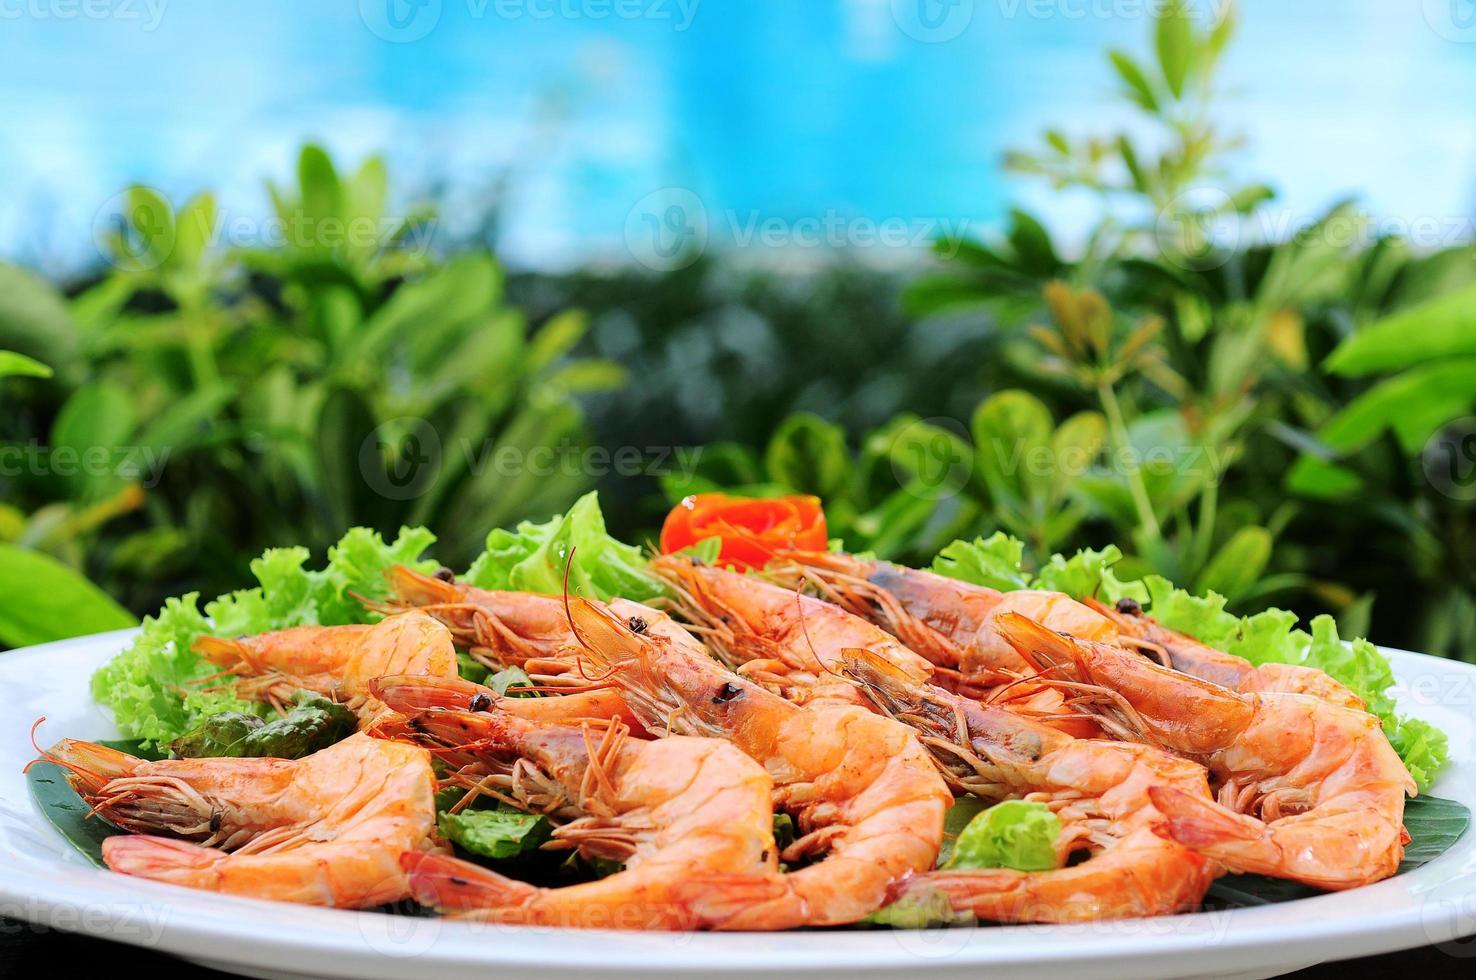 crevettes en plein air photo